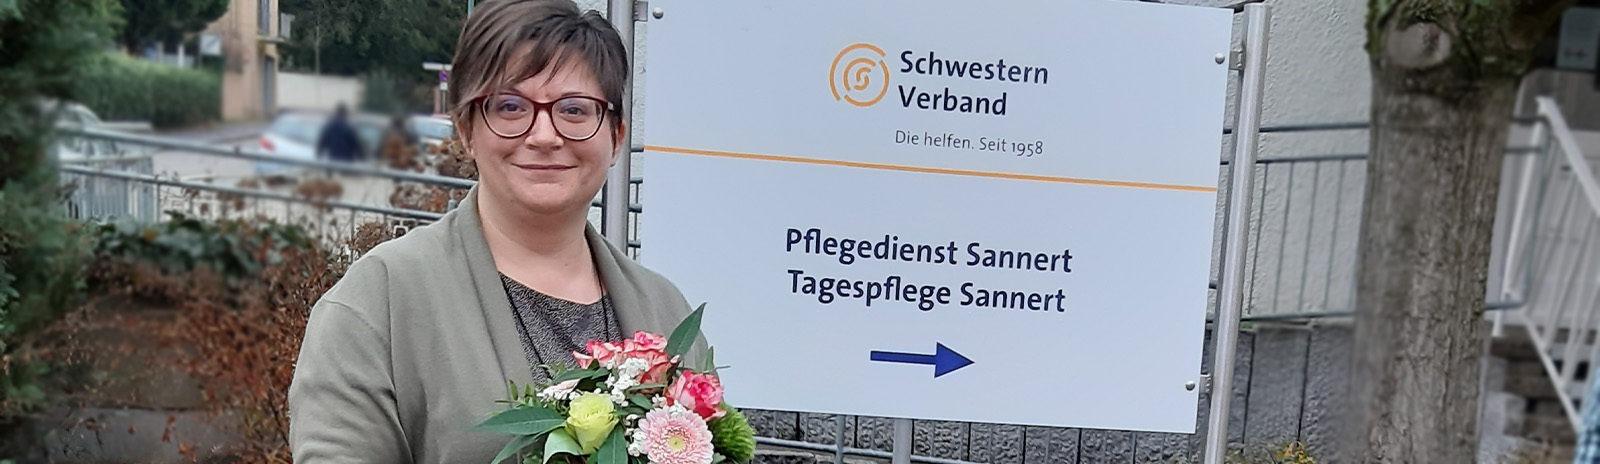 SC_Oberkirch_Weiterbildung_Veser_slider